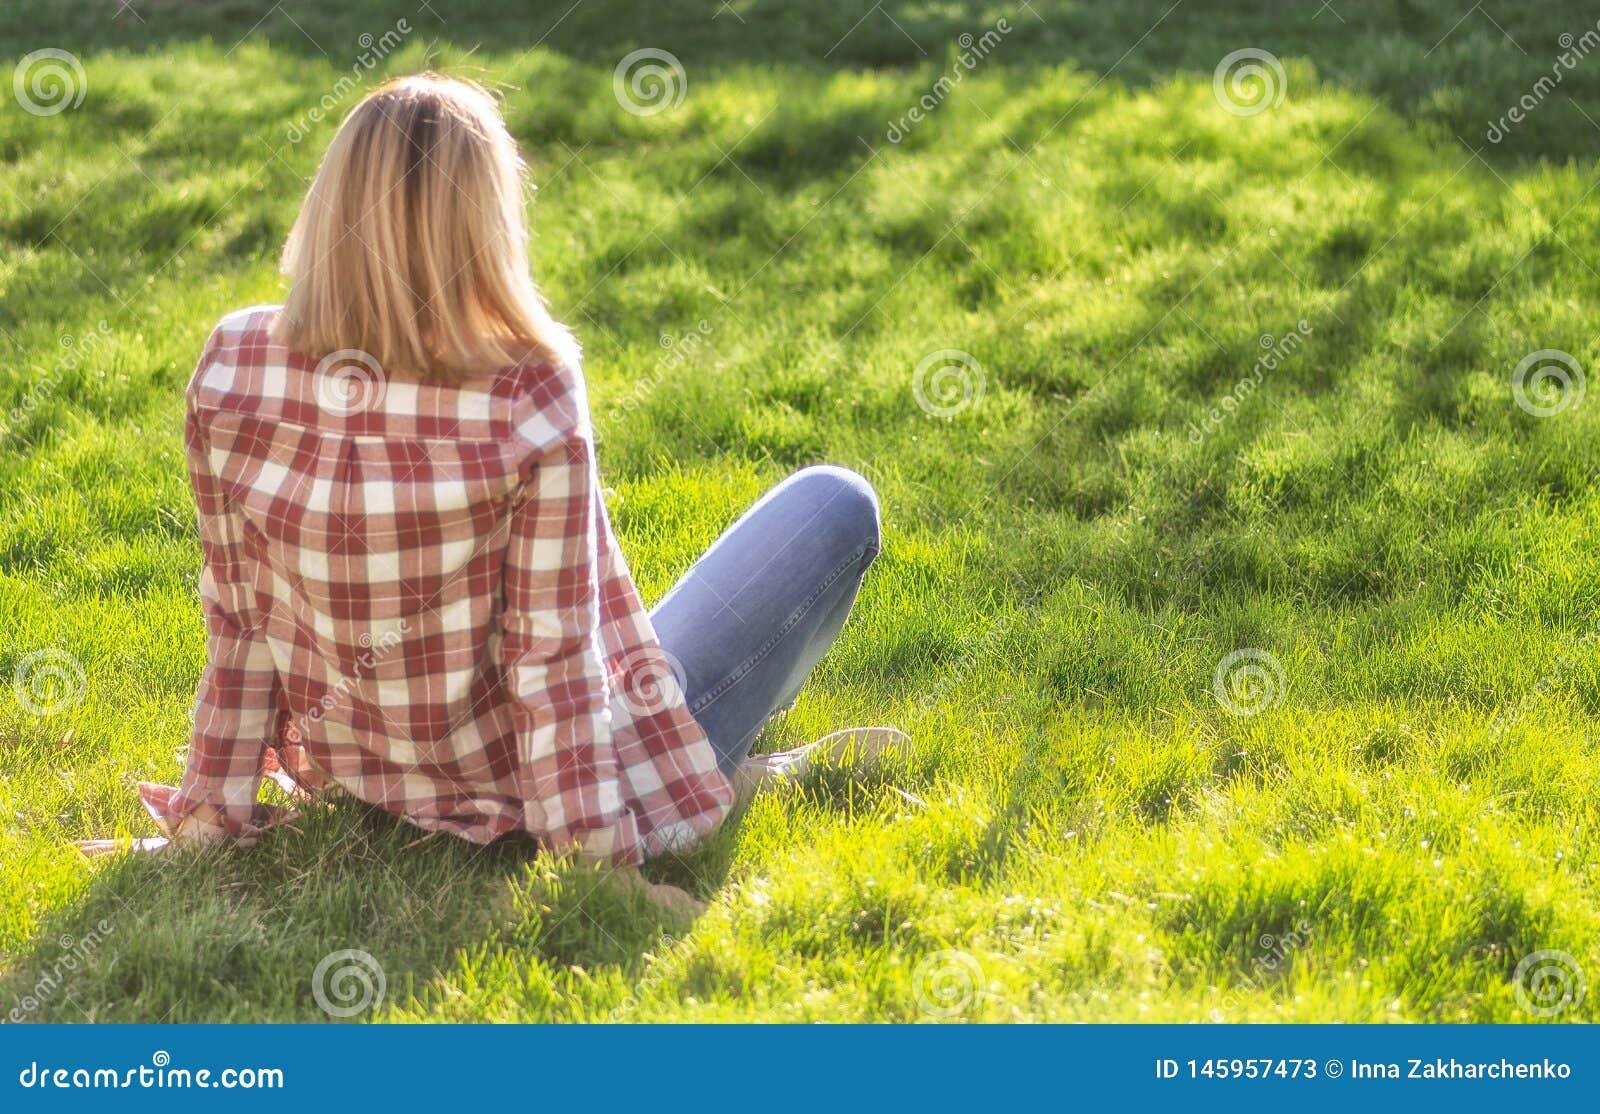 Το κορίτσι χαλαρώνει στο λιβάδι Η ξανθή όμορφη νέα γυναίκα κάθεται στη χλόη και απολαμβάνει τον ήλιο Υπαίθριος r Φθορά